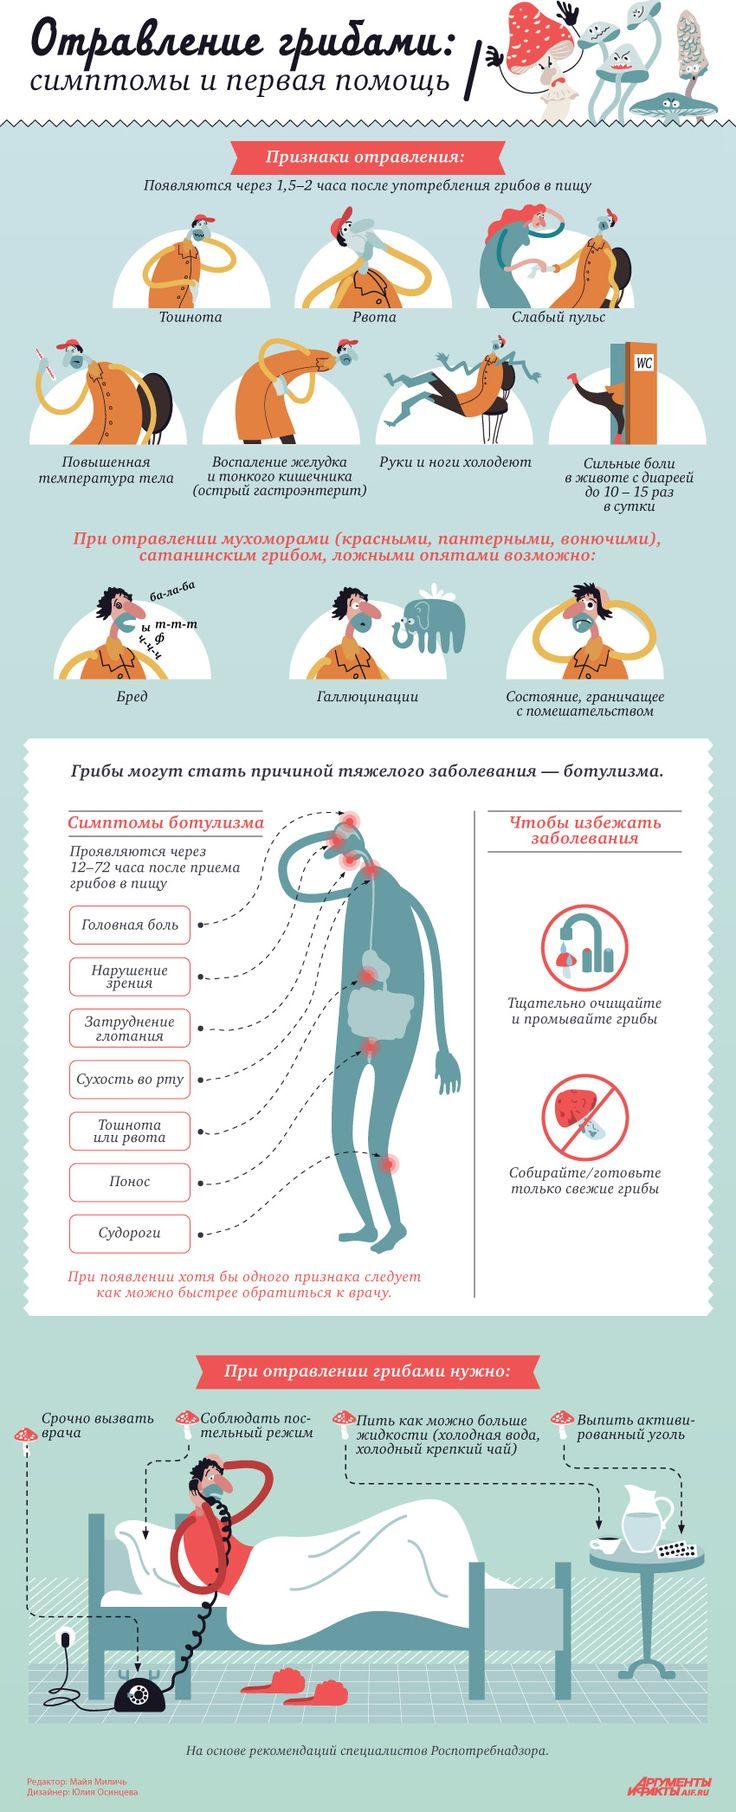 Отравление грибами: симптомы и первая помощь. Инфографика | Здоровая жизнь | Здоровье | Аргументы и Факты